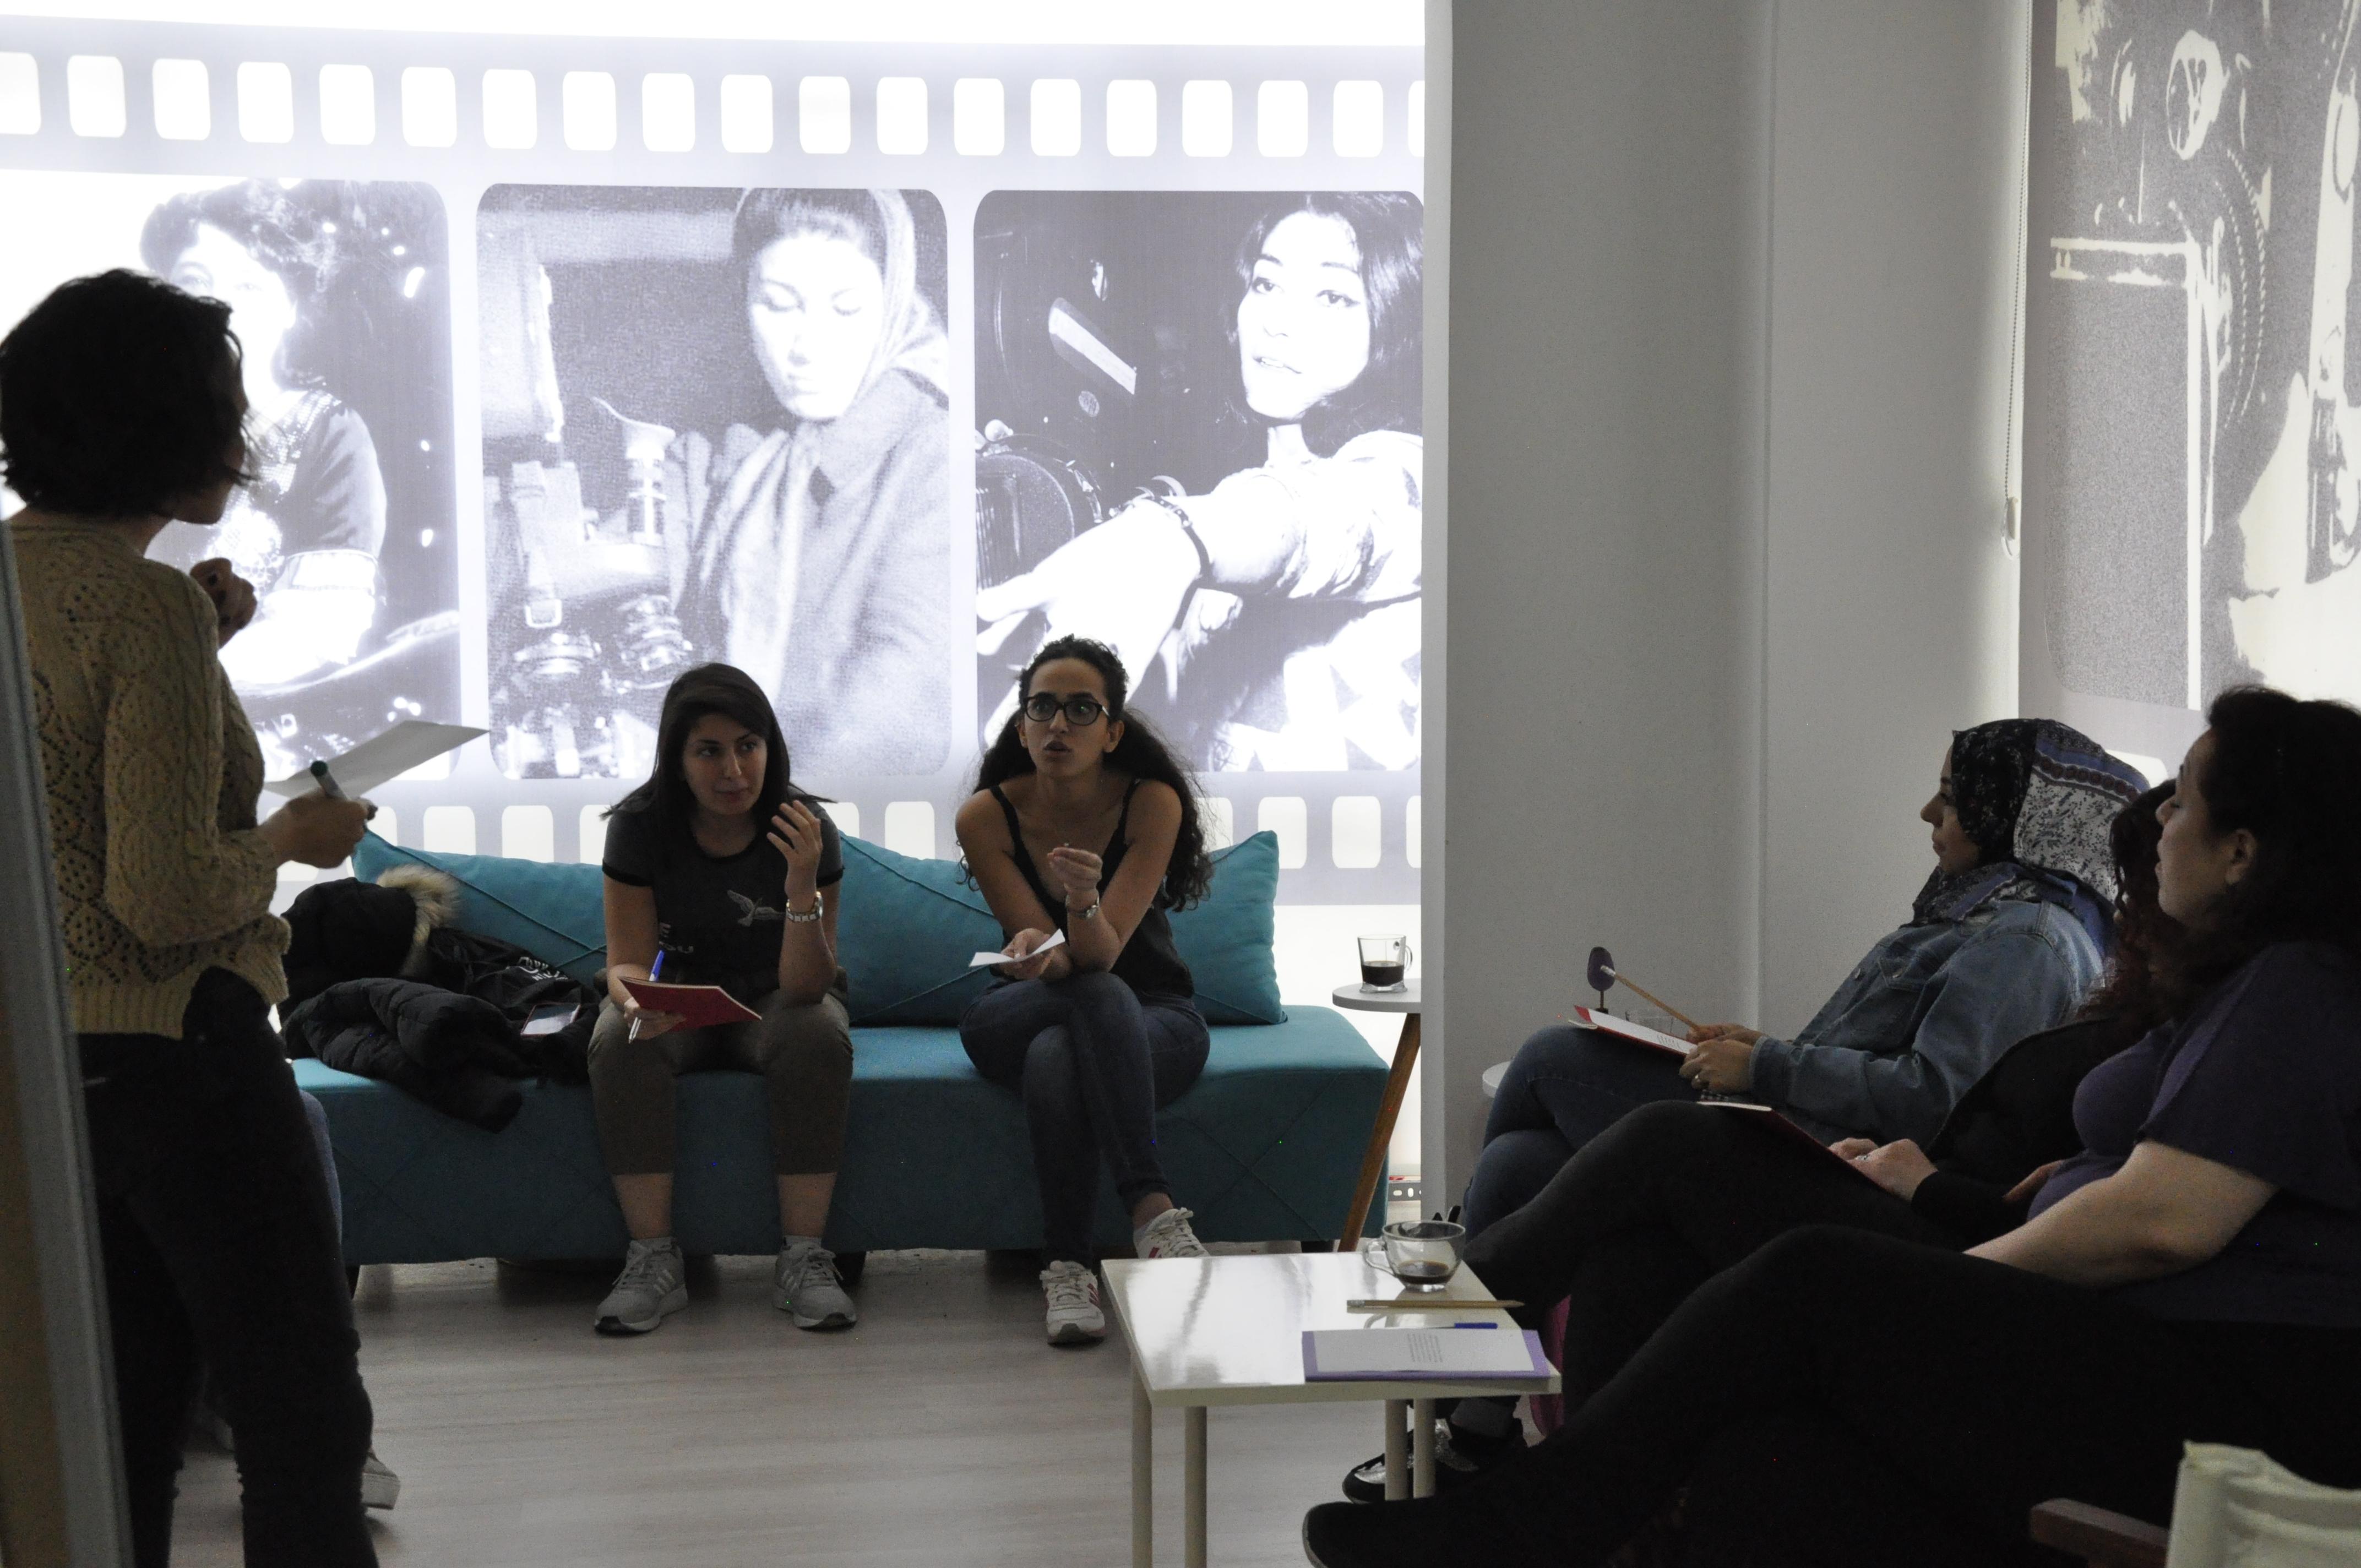 Göçmen Harfler: Mülteci Kadınlar İçin Yazı Atölyesi